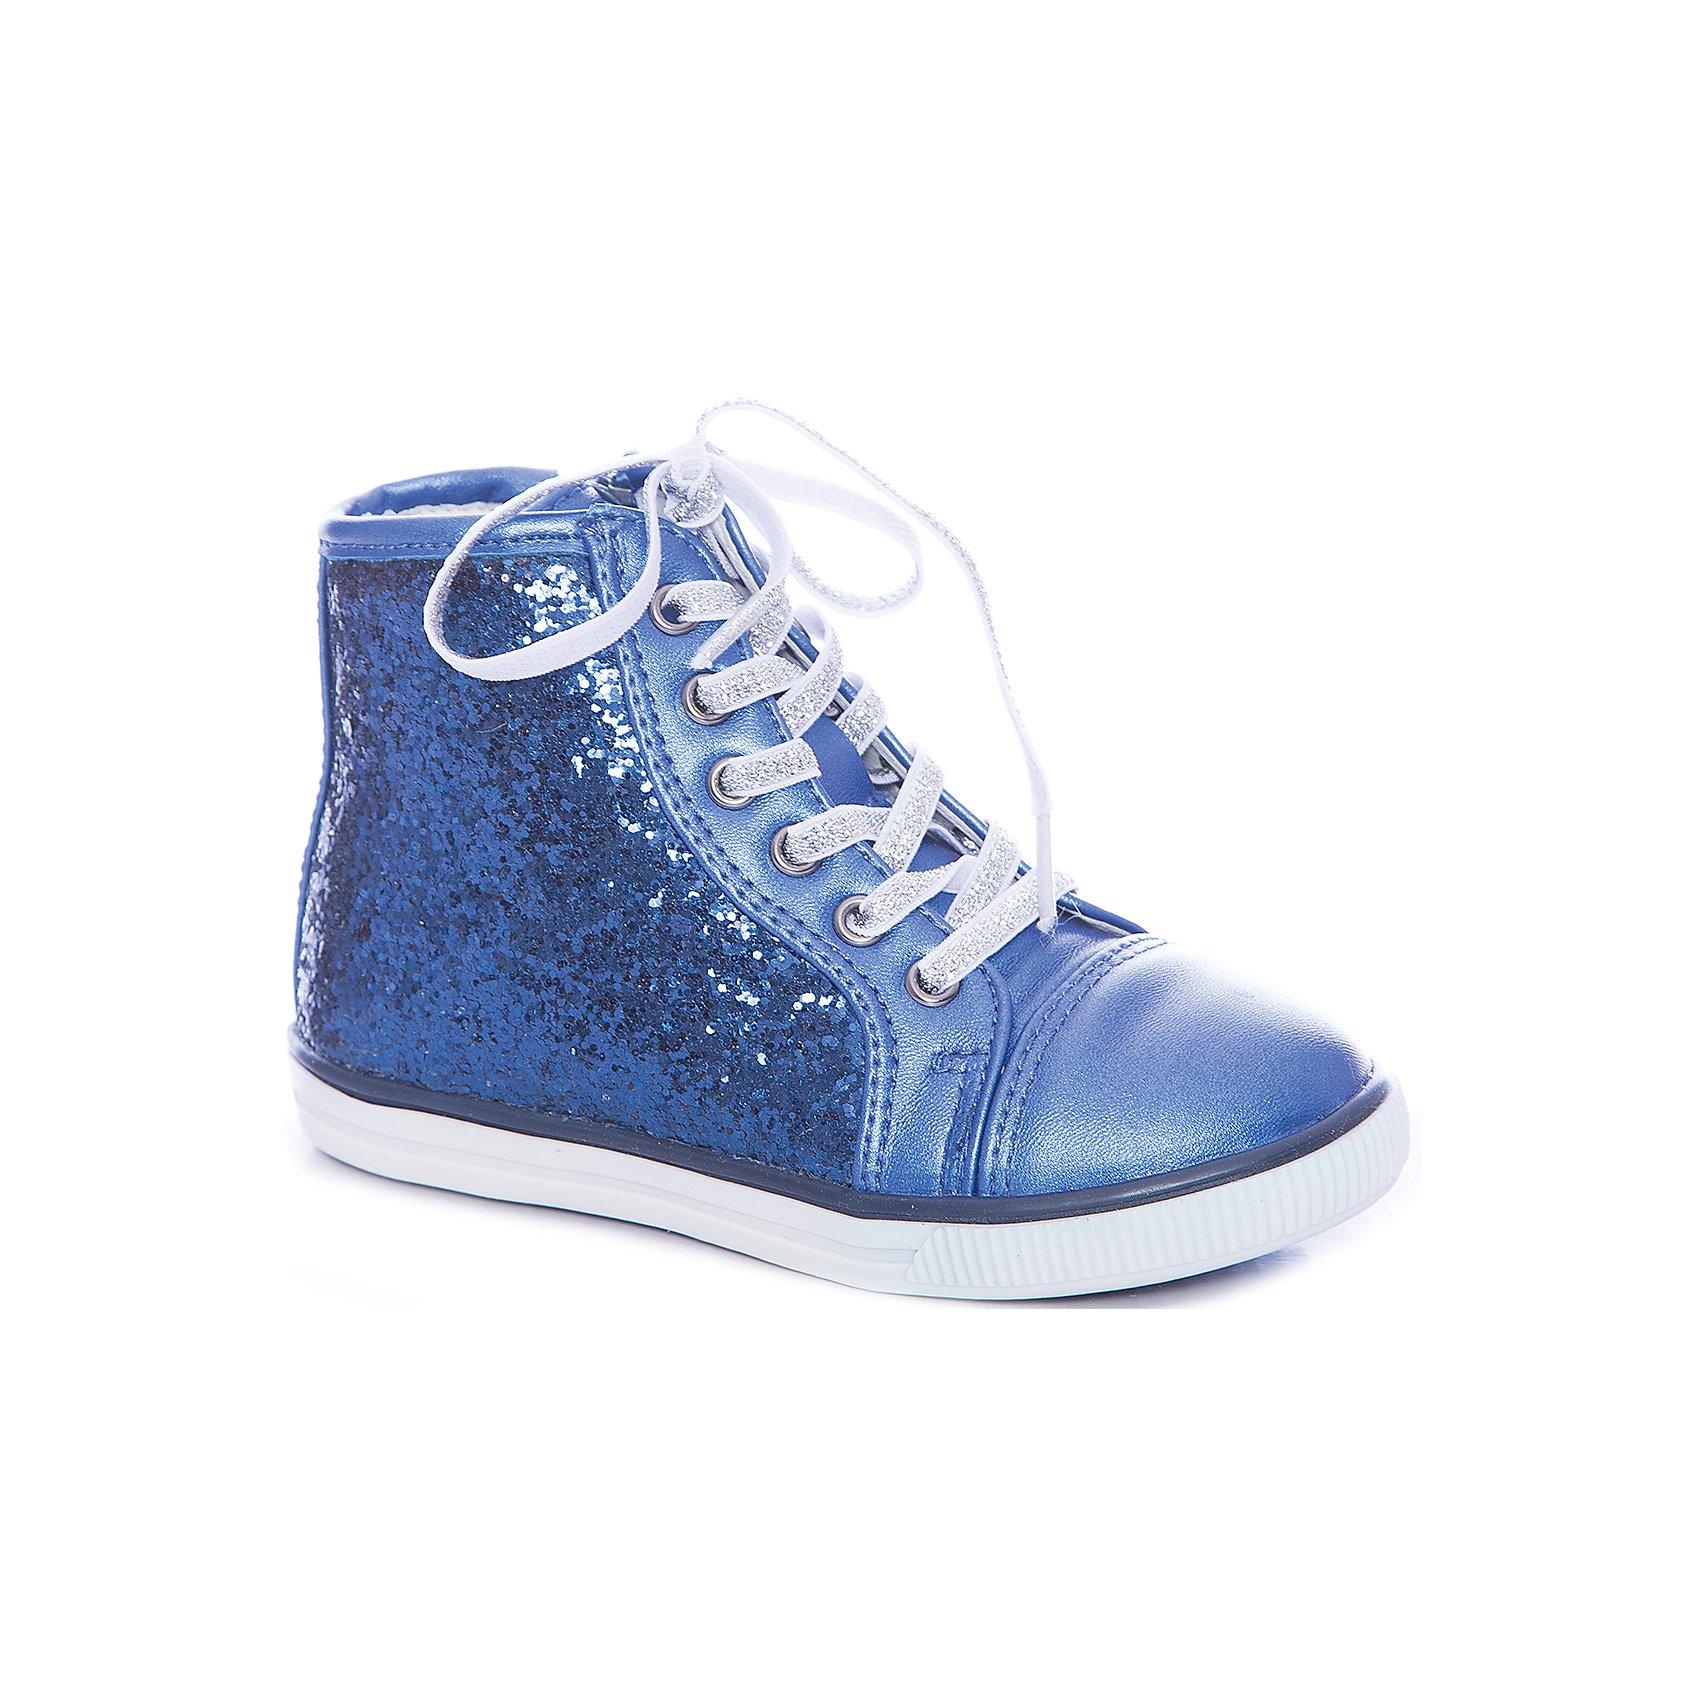 Кеды для девочки GulliverКеды<br>Шикарные ботинки для девочки поразят воображение юной модницы! Перламутровая синяя искусственная кожа красиво гармонирует с боковыми деталями, усыпанными сверкающими стразами. Шнурки из серебристой тесьмы добавляют модели сияния. Если вы хотите купить модные ботинки для девочки и сделать образ ребенка интересным, свежим, неожиданным, выбор этой модели - правильное решение! Подкладка ботинок выполнена из натуральной кожи. Для удобства одевания-раздевания ботинки имеют боковые молнии.<br>Состав:<br>верх:                              иск.кожа;               подкладка: нат.кожа;                                     подошва:                              TPR<br><br>Ширина мм: 227<br>Глубина мм: 145<br>Высота мм: 124<br>Вес г: 325<br>Цвет: синий<br>Возраст от месяцев: 24<br>Возраст до месяцев: 24<br>Пол: Женский<br>Возраст: Детский<br>Размер: 25,27,30,29,28,26<br>SKU: 4534666